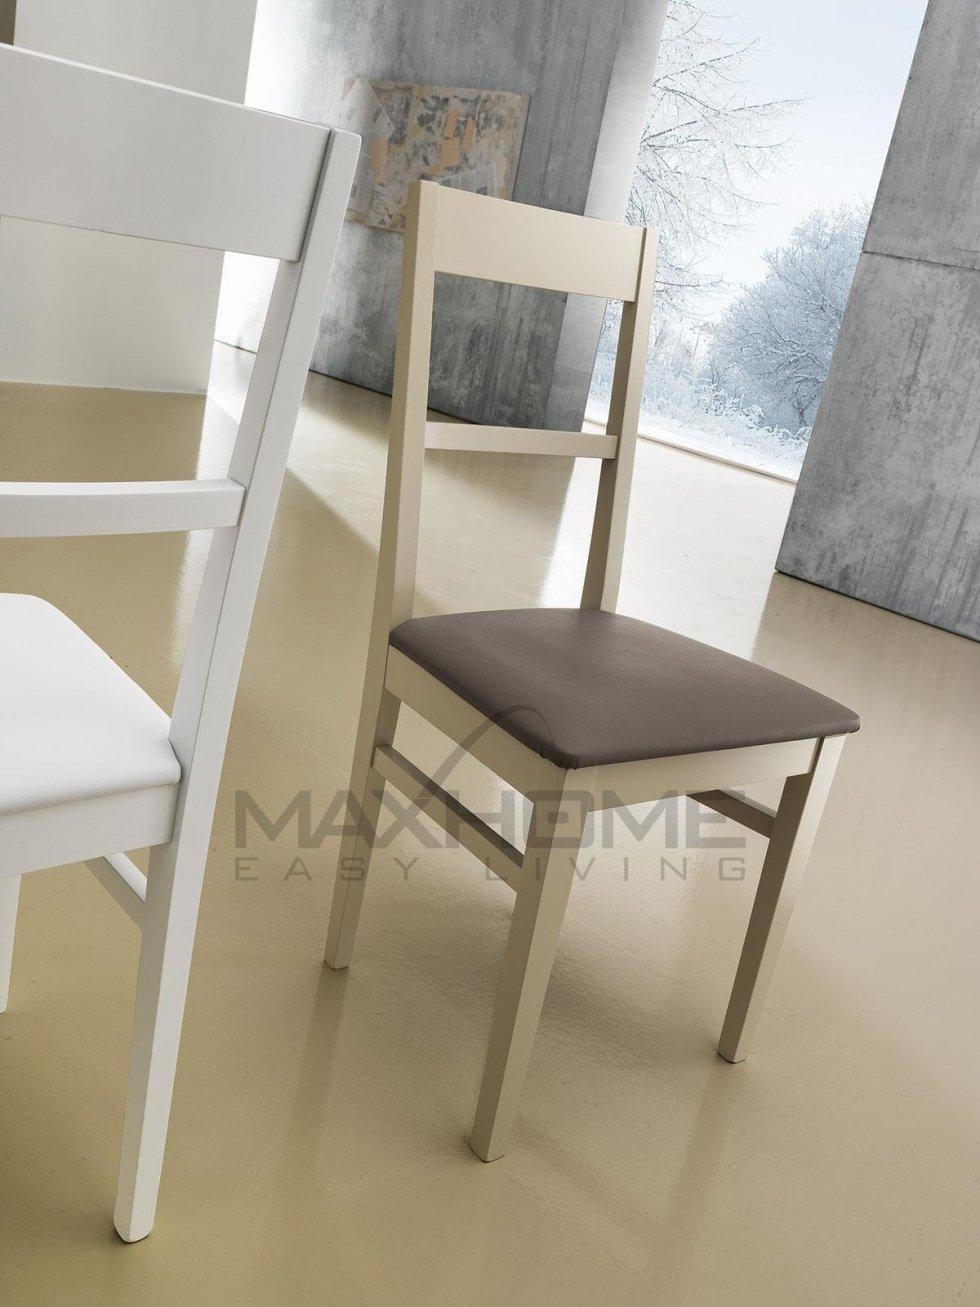 Sedute eleganti Max Home